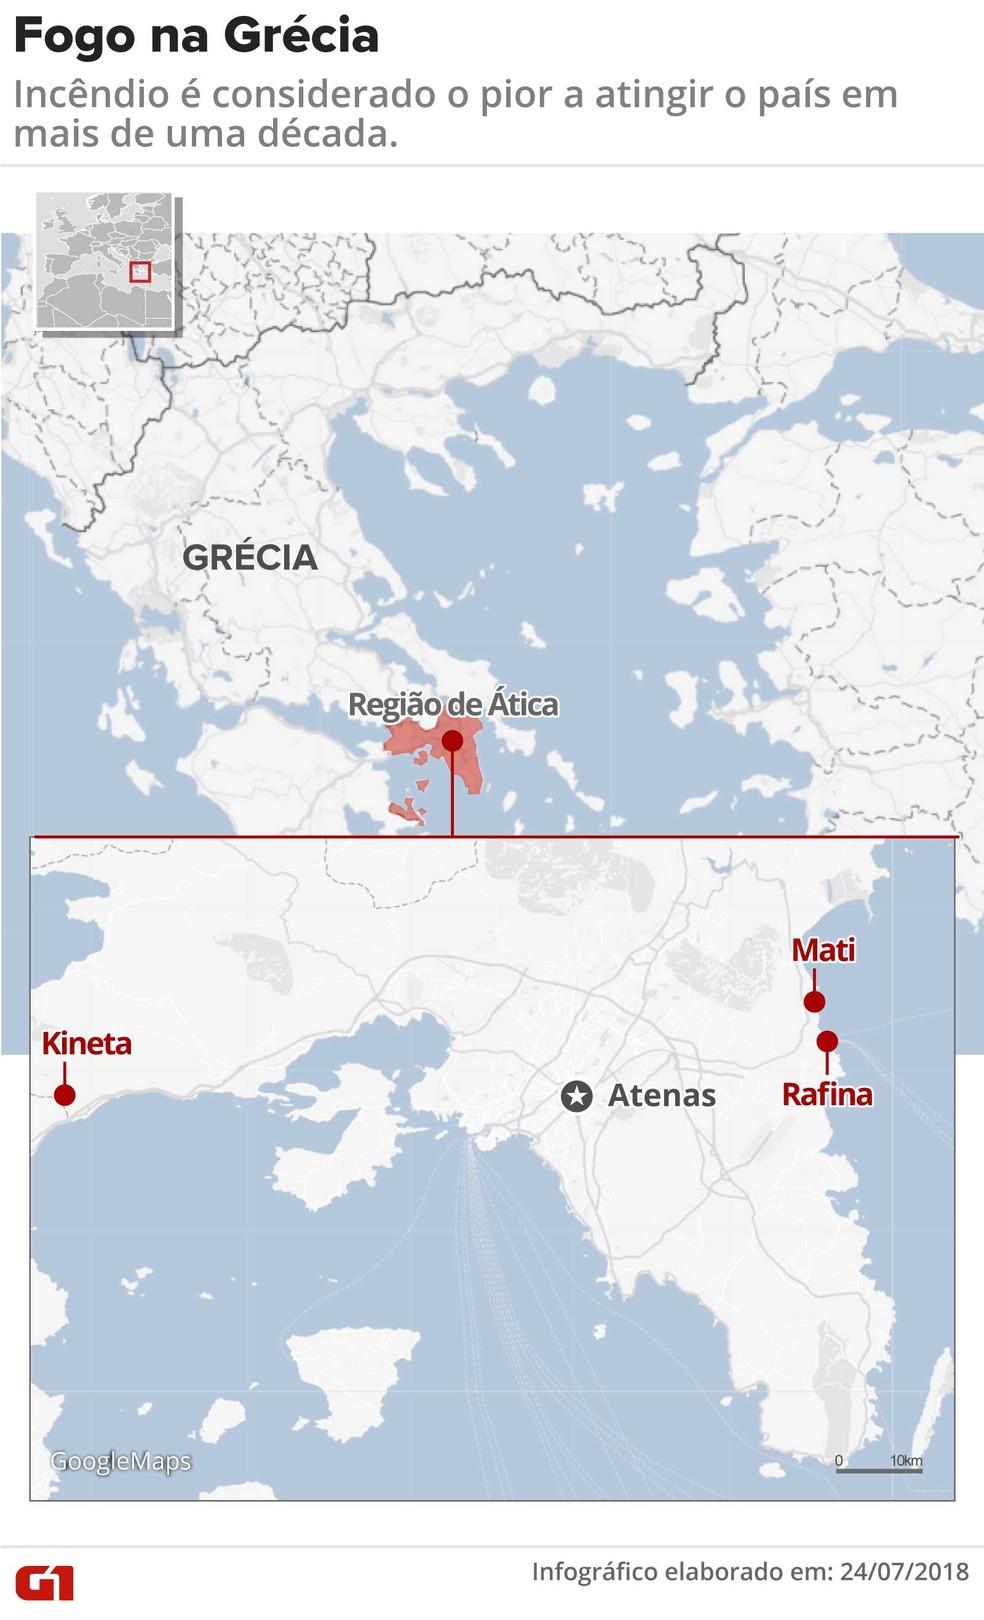 Mapa mostra focos de incêndios florestais na Grécia (Foto: Claudia Peixoto/G1)